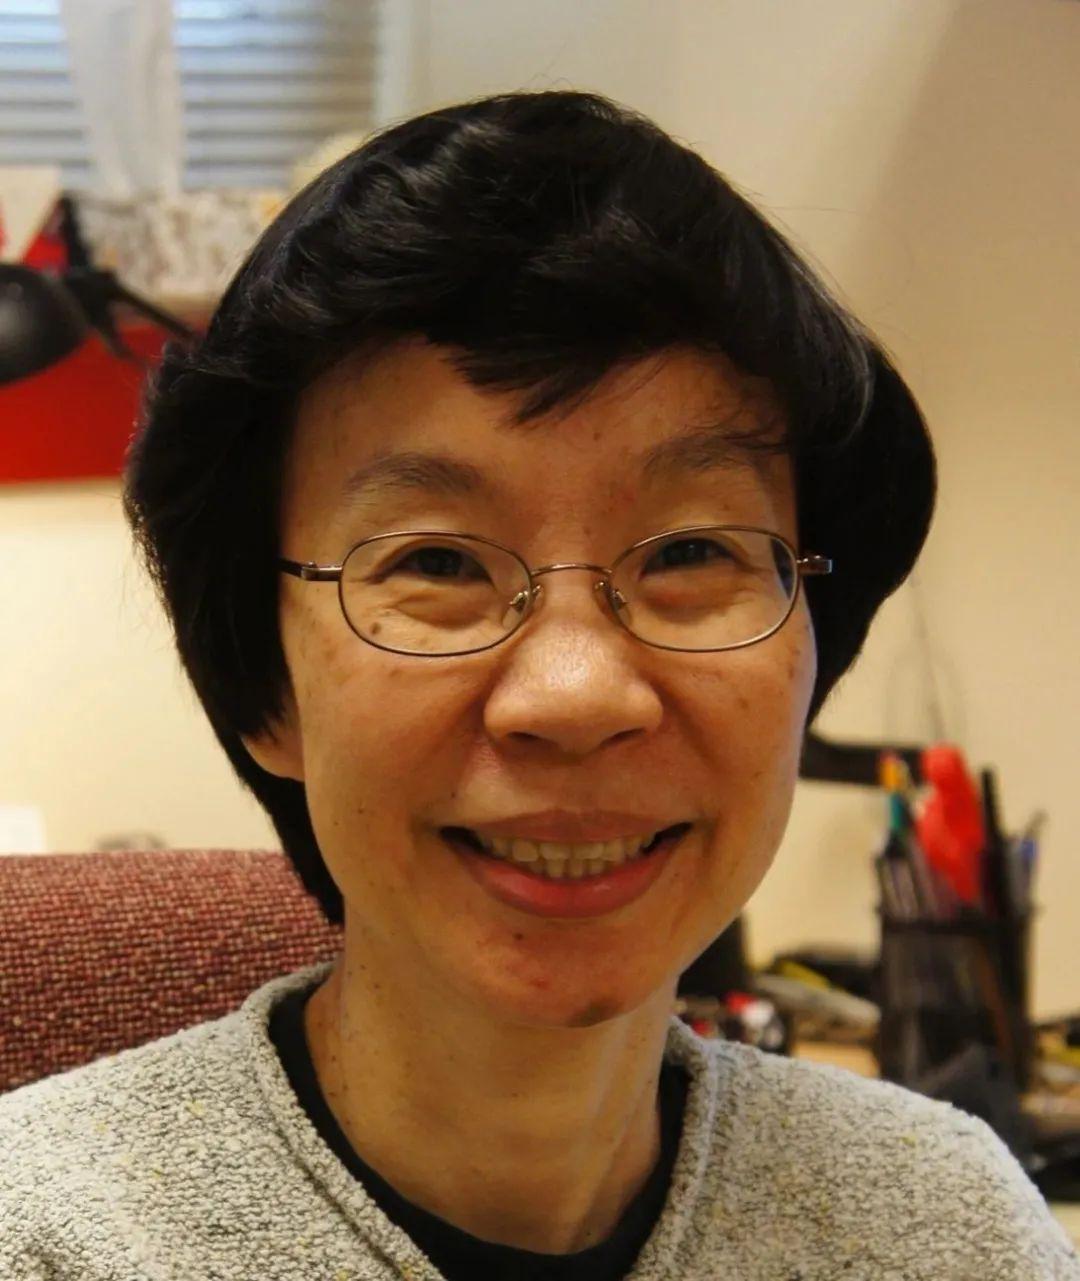 祝贺!康乐、陈列平、刘如谦等7人当选美国科学院院士/外籍院士